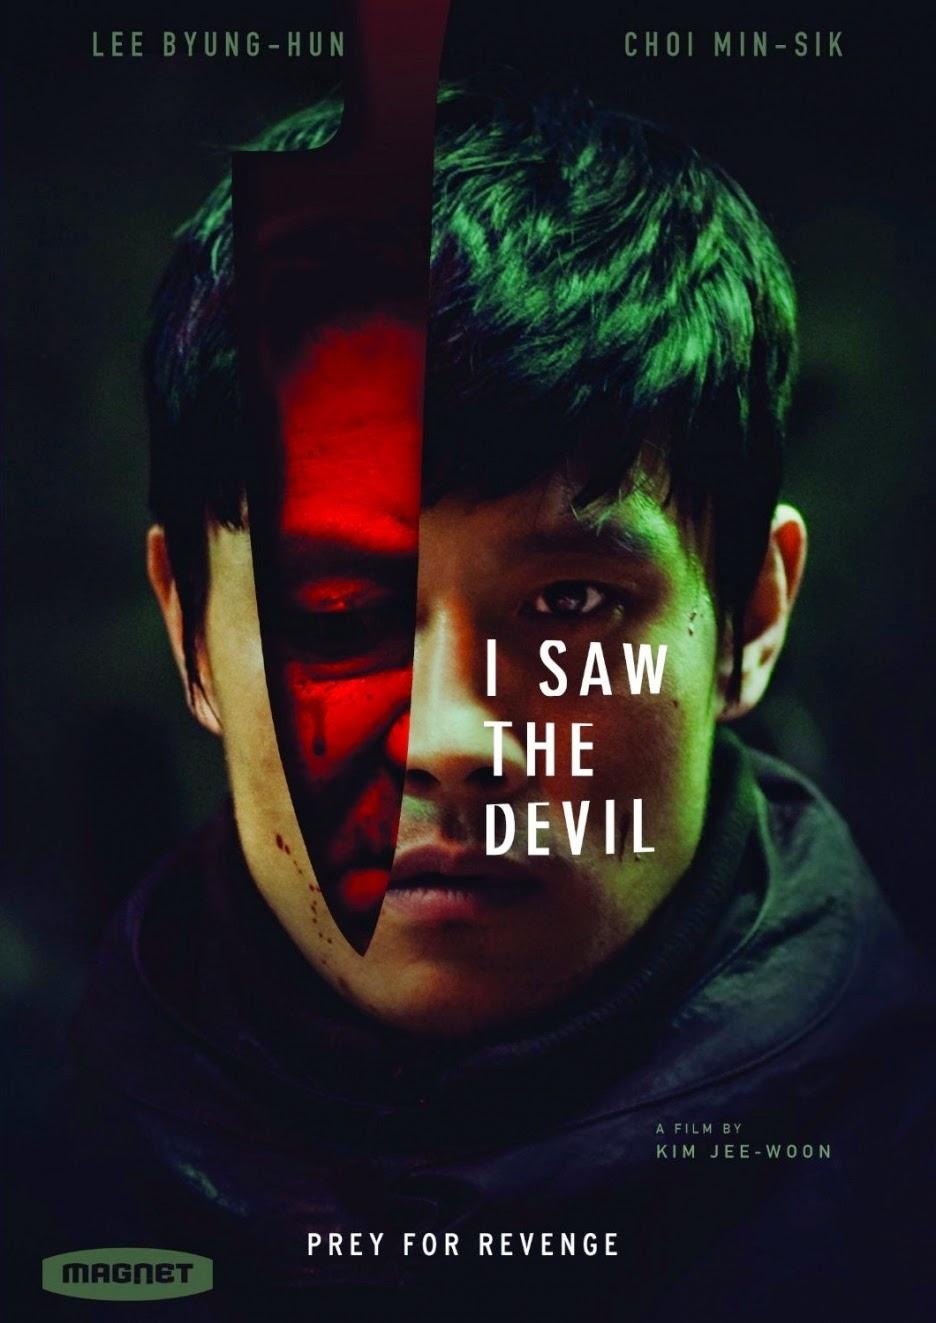 G rencontre le diable